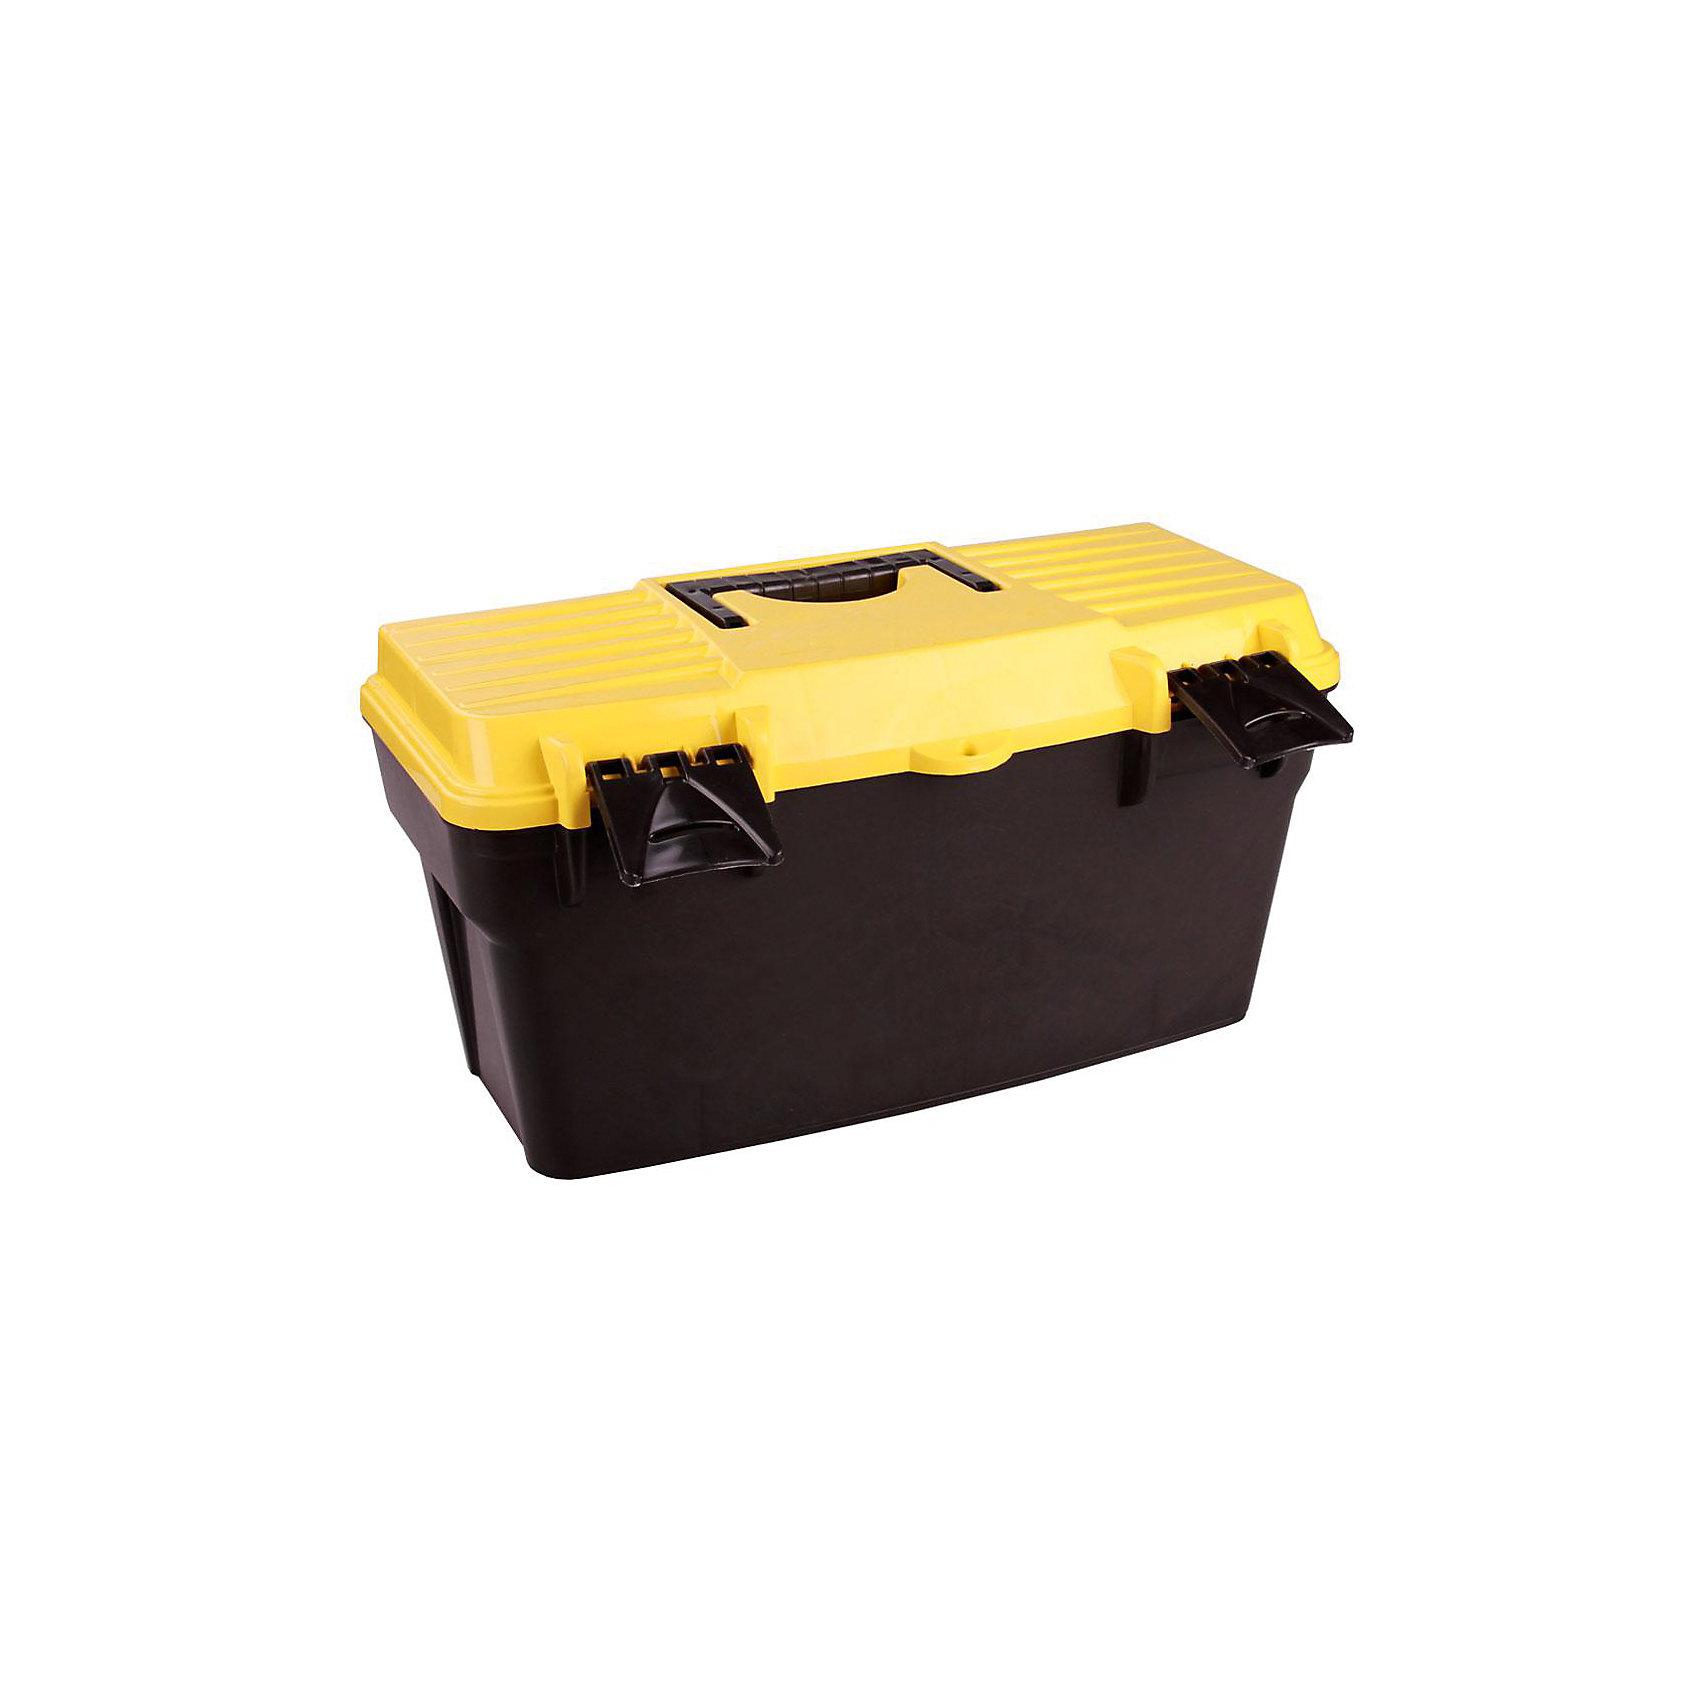 Ящик для инструментов с крышкой (415х210х210), AlternativaПорядок в детской<br>Ящик для инструментов с крышкой (415х210х210), Alternativa (Альтернатива).   <br><br>Характеристика:<br><br>• Материал: пластик. <br>• Размер: 41,5х21х21 см. <br>• Ручка для переноски. <br>• Закрывается на два клапана.<br>• Удобная внутренняя крышка с отверстиями для мелочей. <br>• Легко моется.<br><br>Практичный и вместительный ящик для инструментов - незаменимая вещь в любом доме, а так же на даче или в гараже! Ящик для инструментов Alternativa изготовлен из экологичного прочного пластика, закрывается на два клапана, оформлен ярким рисунком, имеет удобную ручку для переноски. Внутри модели предусмотрена дополнительная крышка, в которой есть отверстия-выемки для различных мелочей. <br><br>Ящик для инструментов с крышкой (415х210х210), Alternativa (Альтернатива), можно купить в нашем магазине.<br><br>Ширина мм: 415<br>Глубина мм: 210<br>Высота мм: 210<br>Вес г: 928<br>Возраст от месяцев: 6<br>Возраст до месяцев: 84<br>Пол: Унисекс<br>Возраст: Детский<br>SKU: 5096727